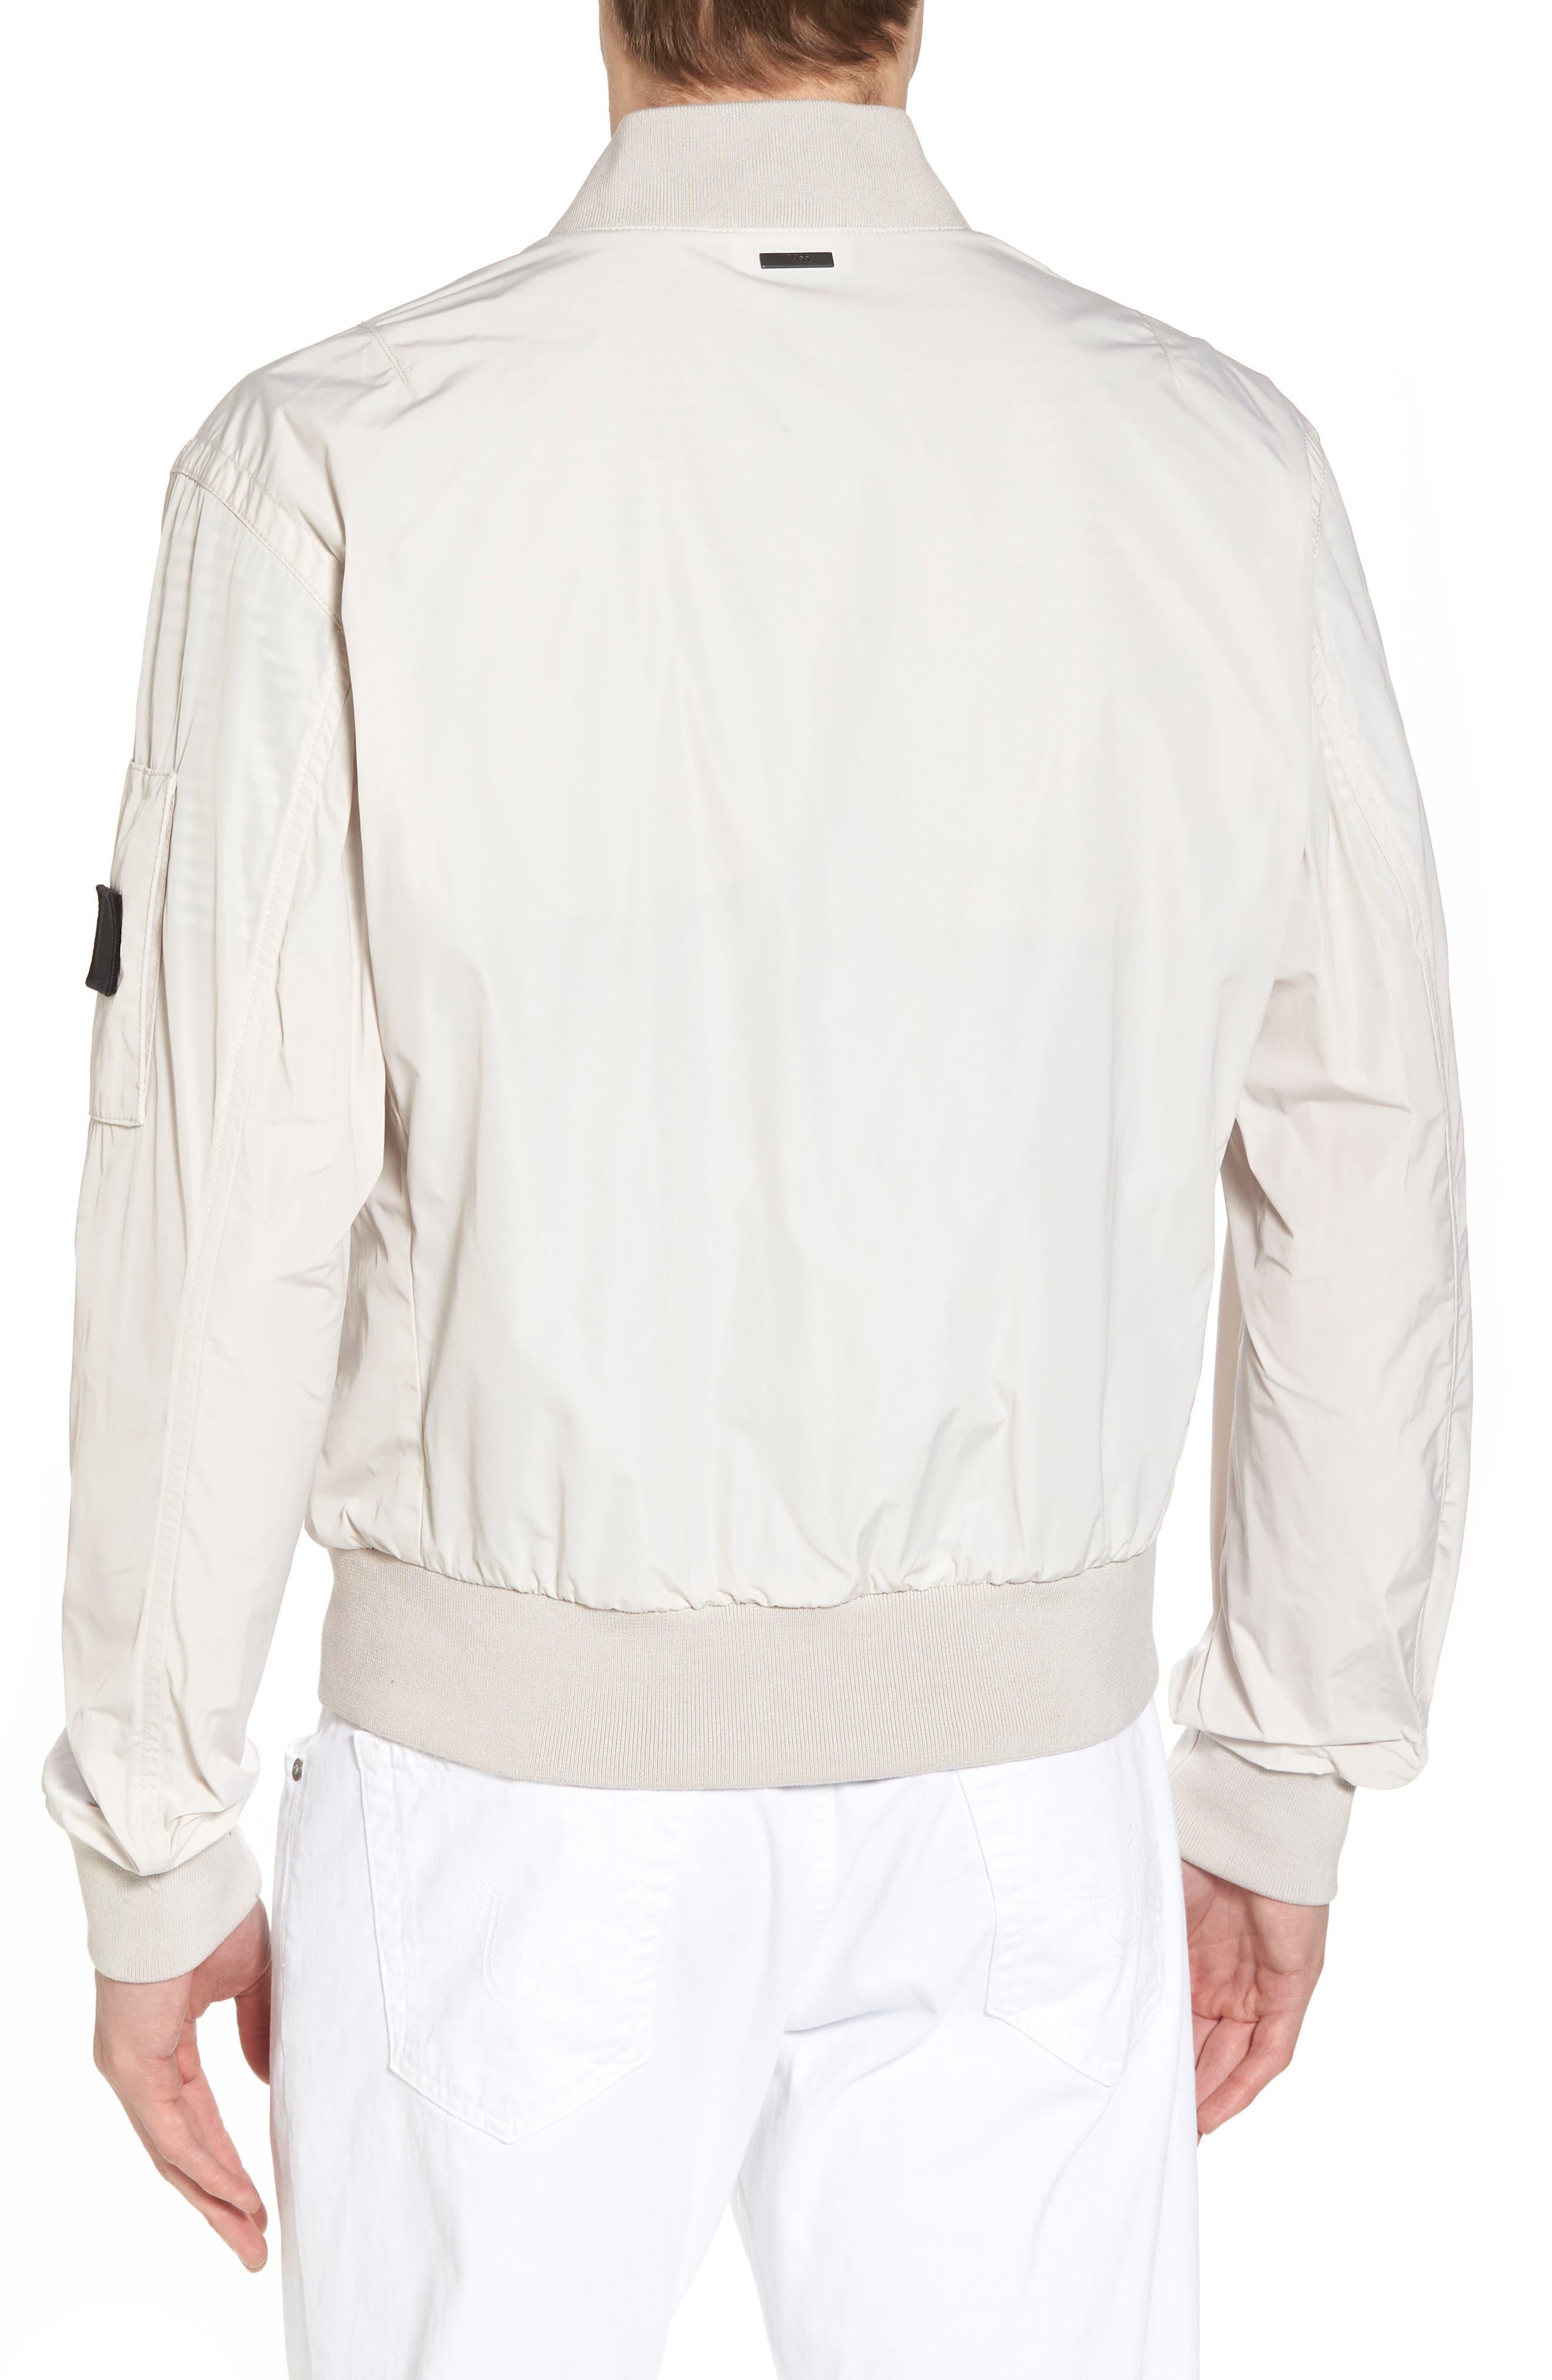 Regular Fit Bomber Jacket,                             Alternate thumbnail 2, color,                             White